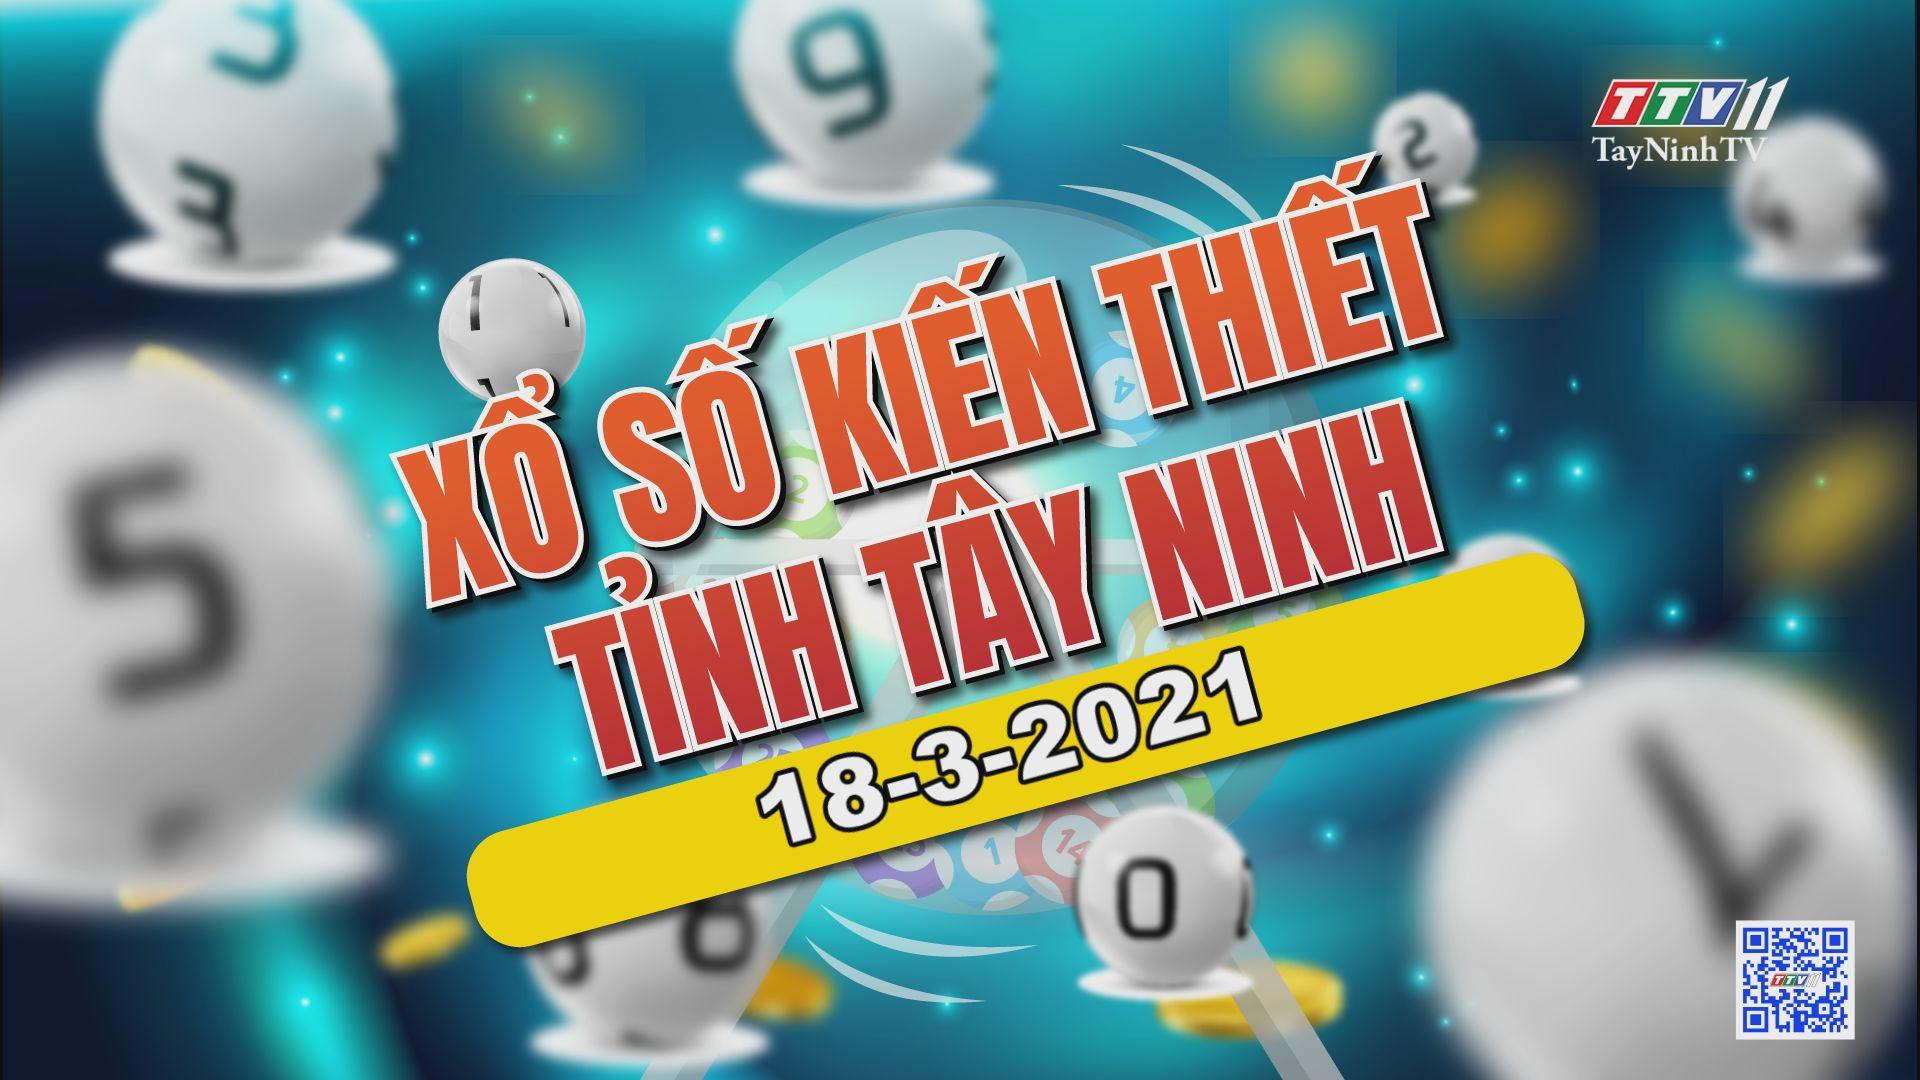 Trực tiếp Xổ số Tây Ninh ngày 18-3-2021 | TayNinhTVE